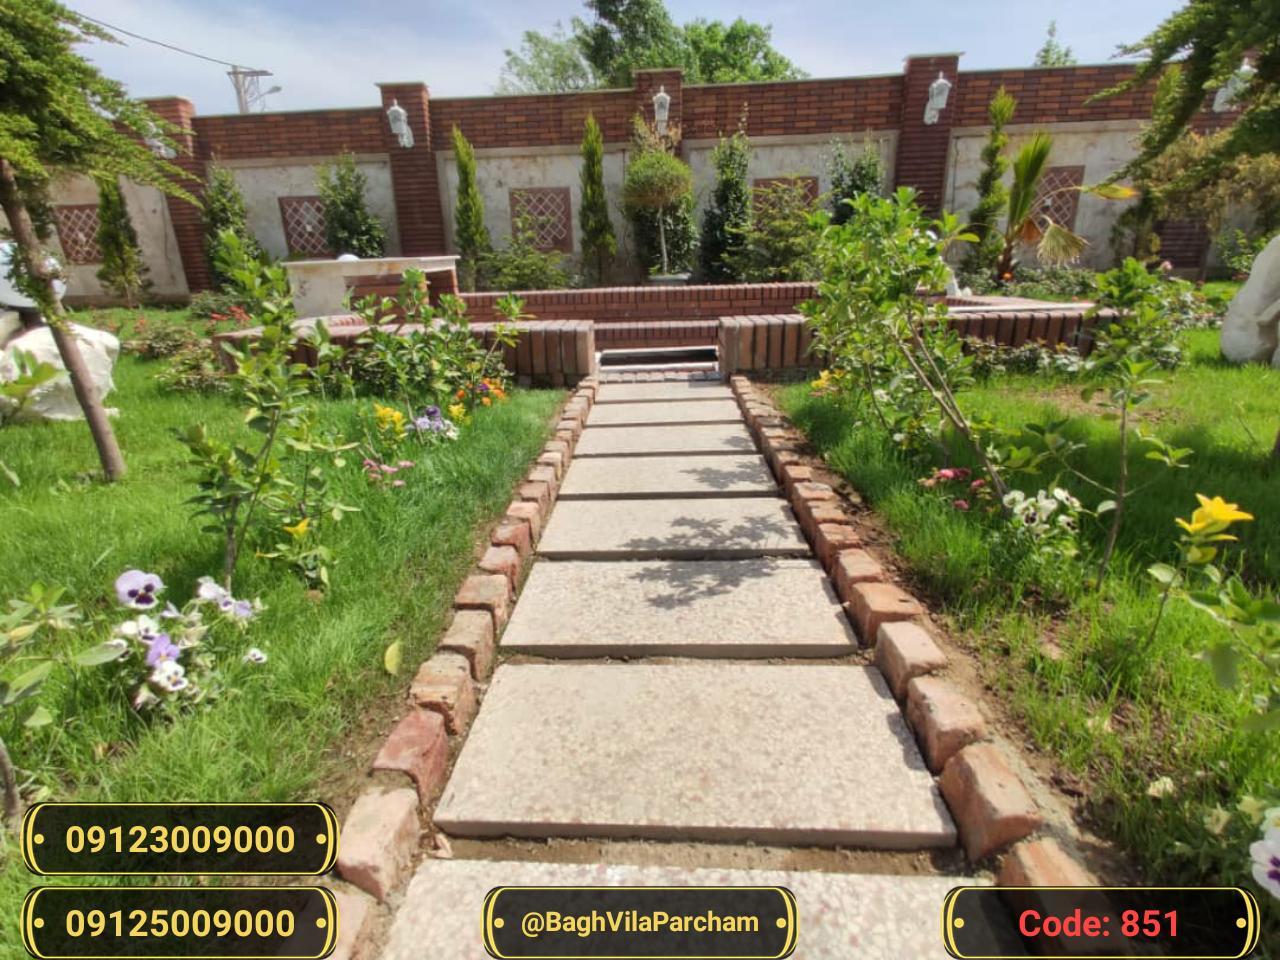 تصویر عکس باغ ویلا شماره 6 از ویلای ۵۵۰ متر ویلا مدرن Picture photo image 6 of ۵۵۰ متر ویلا مدرن